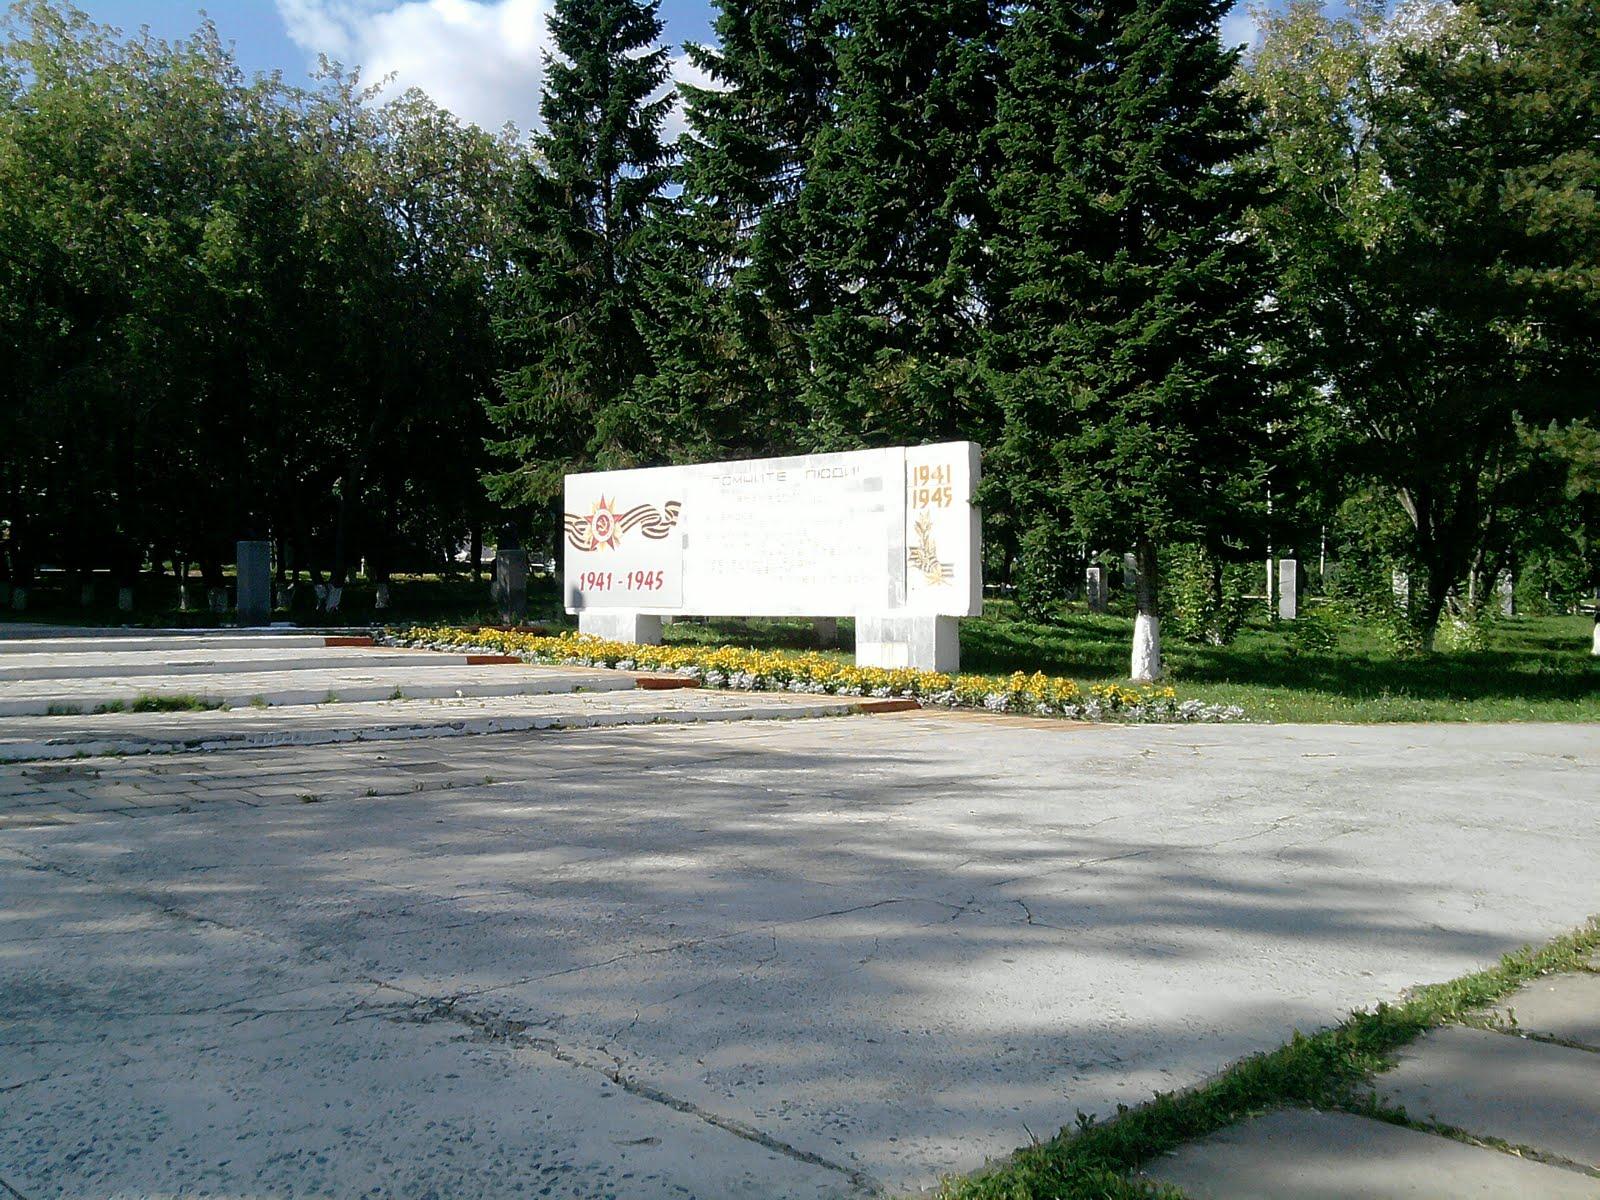 Блог Лысьва: кинотеатр в Лысьве ЛМЗ Синема